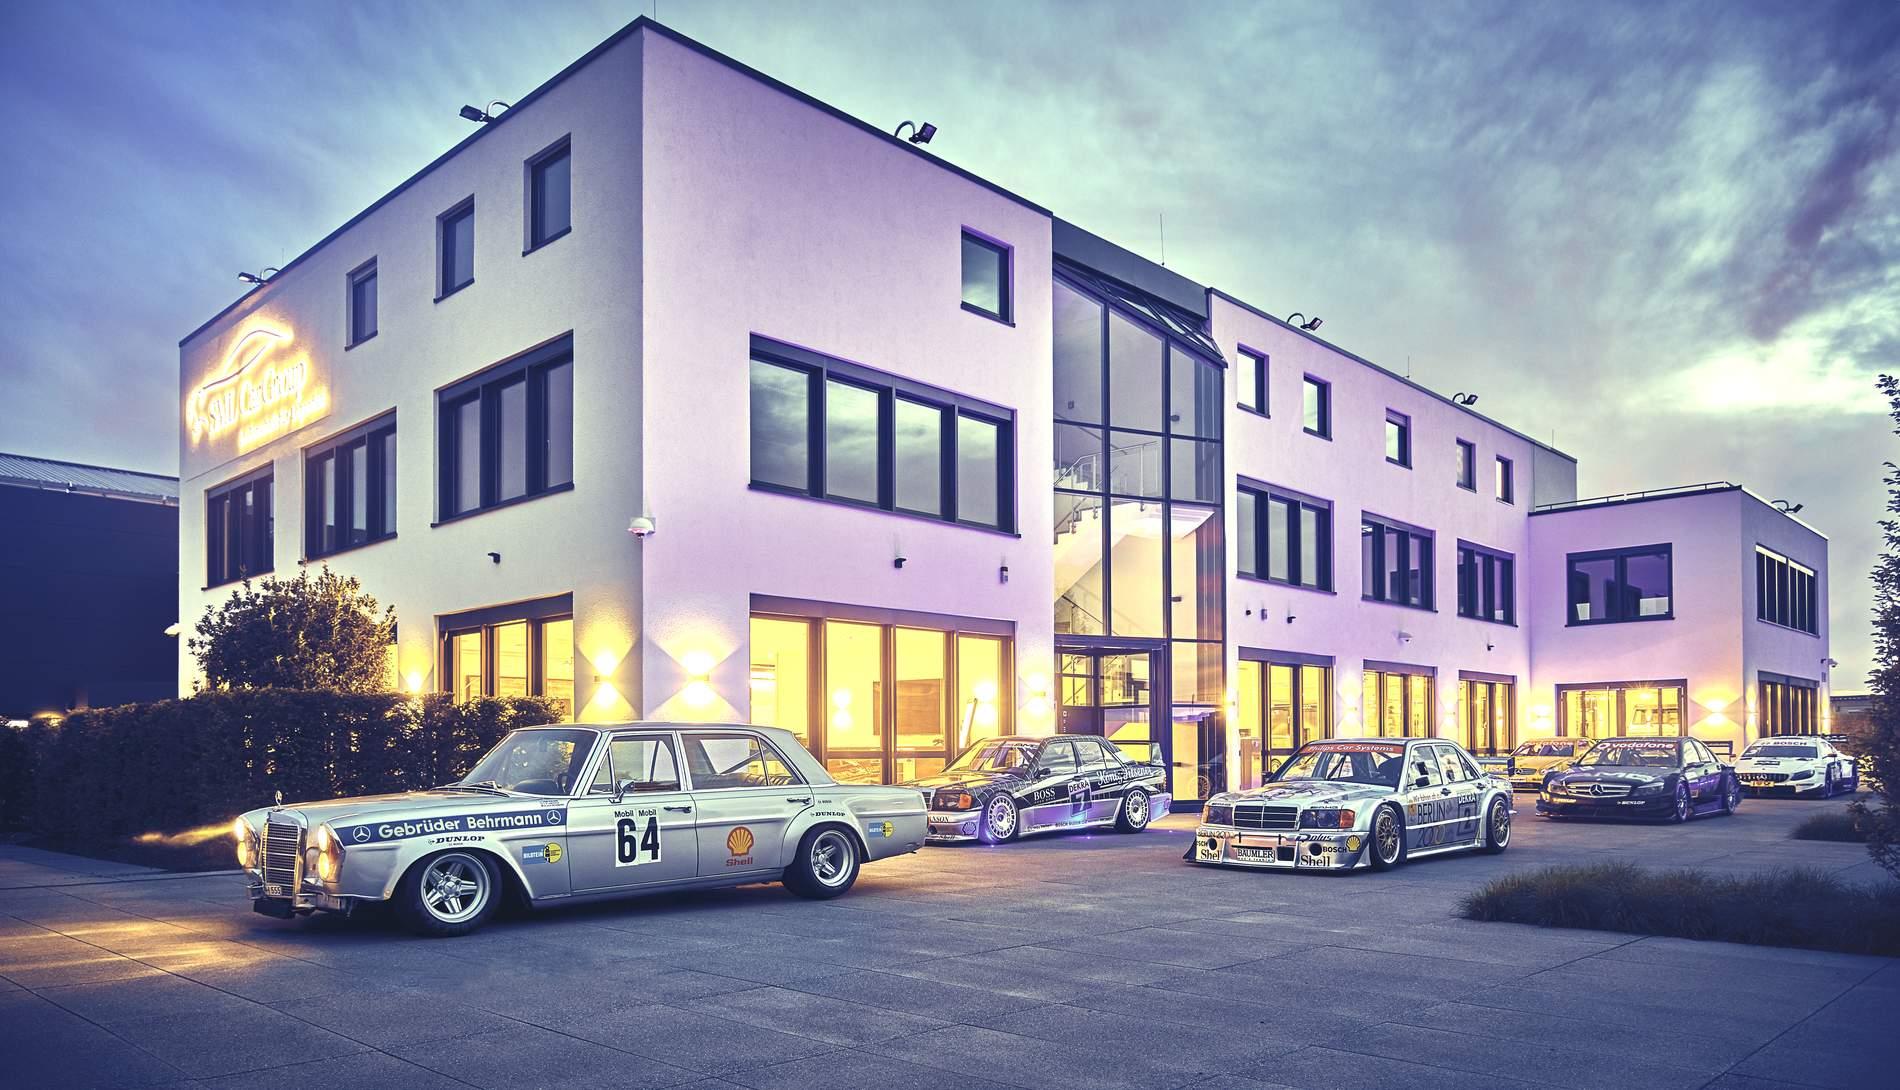 dtm Motorsport Einlagerung Aufbereitung Fahrzeugaufbereitung Oldtimer youngtimer Sportwagen pflege Versiegelung